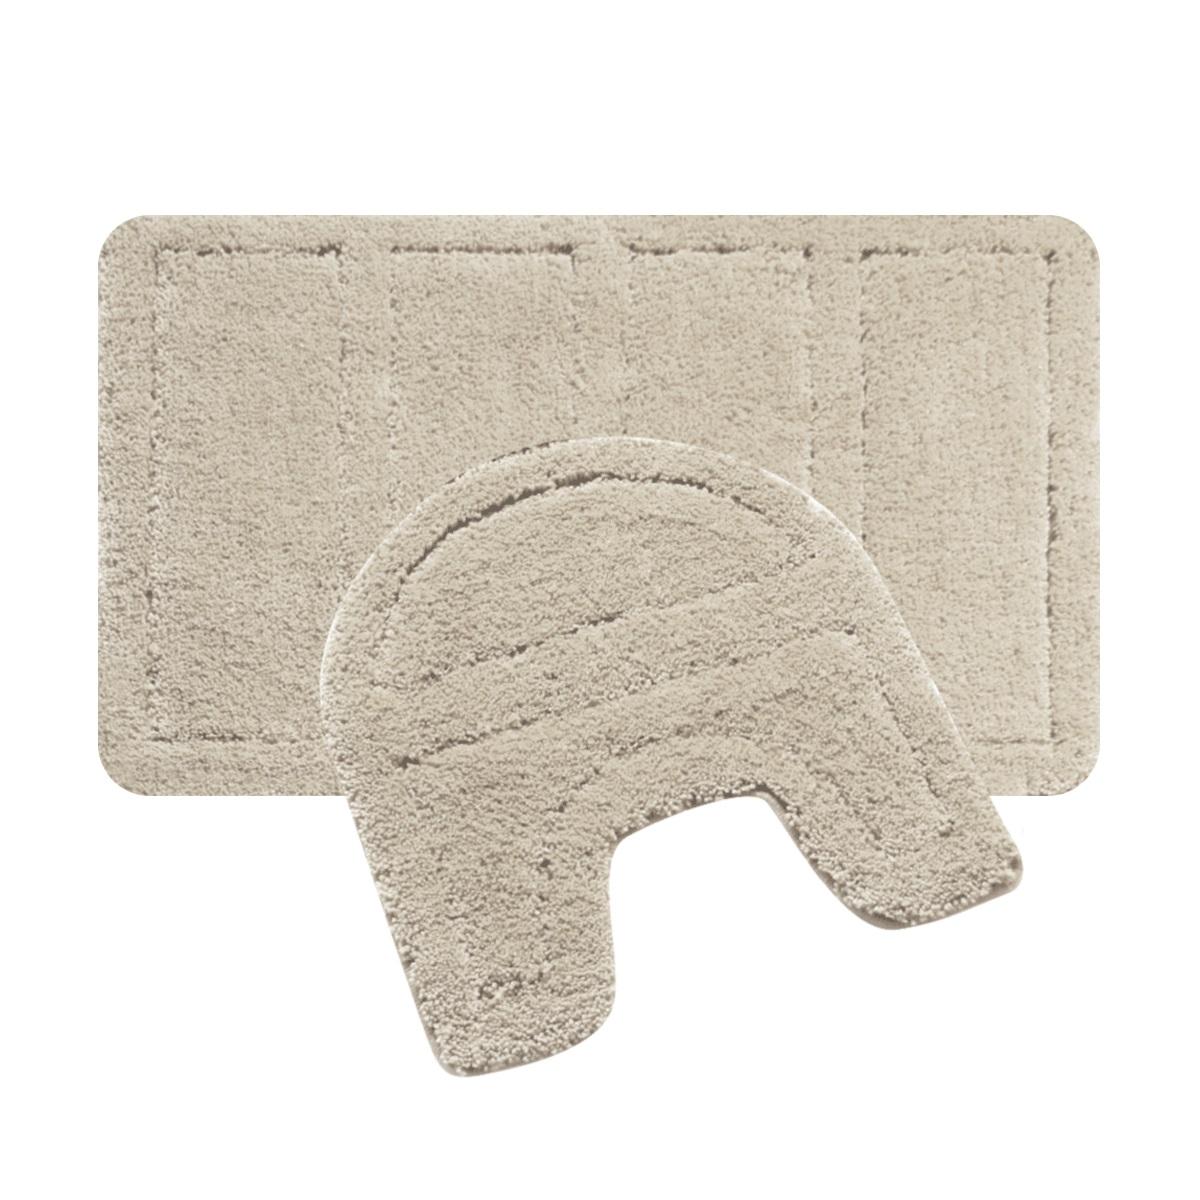 Набор ковриков для ванной Iddis Beige Landscape, цвет: бежевый, 60 х 90 см, 50 х 50 см, 2 шт242M590i13Набор ковриков для ванной комнаты и туалета Iddis выполнен из 100% полиэстера. Коврики имеют специальную латексную основу, благодаря которой они не скользят на напольных покрытия в ванной, что обеспечивает безопасность во время использования. Коврики изготавливаются по специальным технологиям машинного ручного тафтинга, что гарантирует высокое качество и долговечность.Высота ворса: 2,5 см.